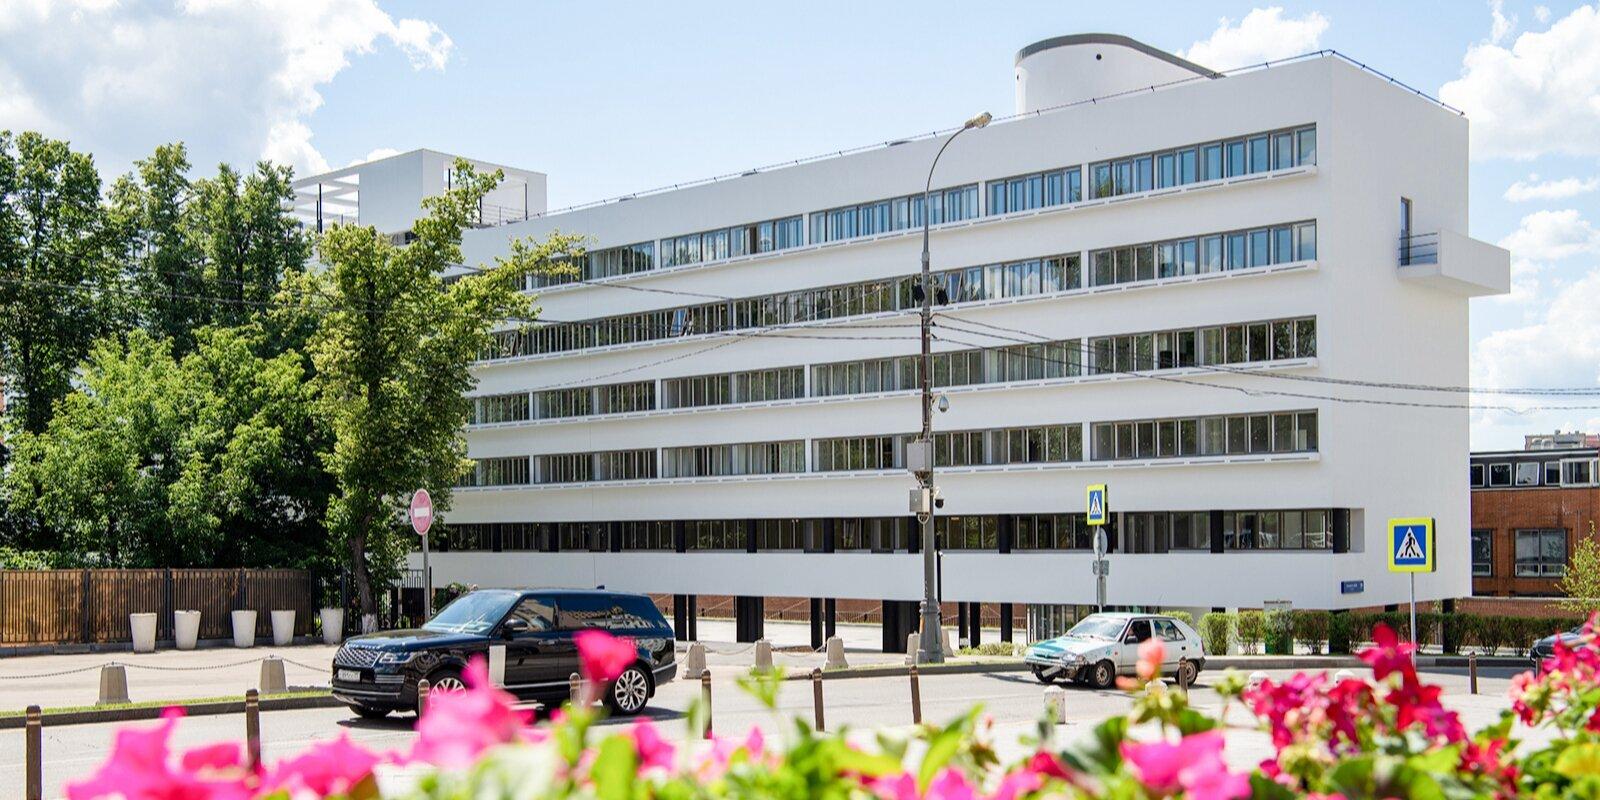 Портал «Узнай Москву» пригласил на виртуальную экскурсию по Дому Наркомфина